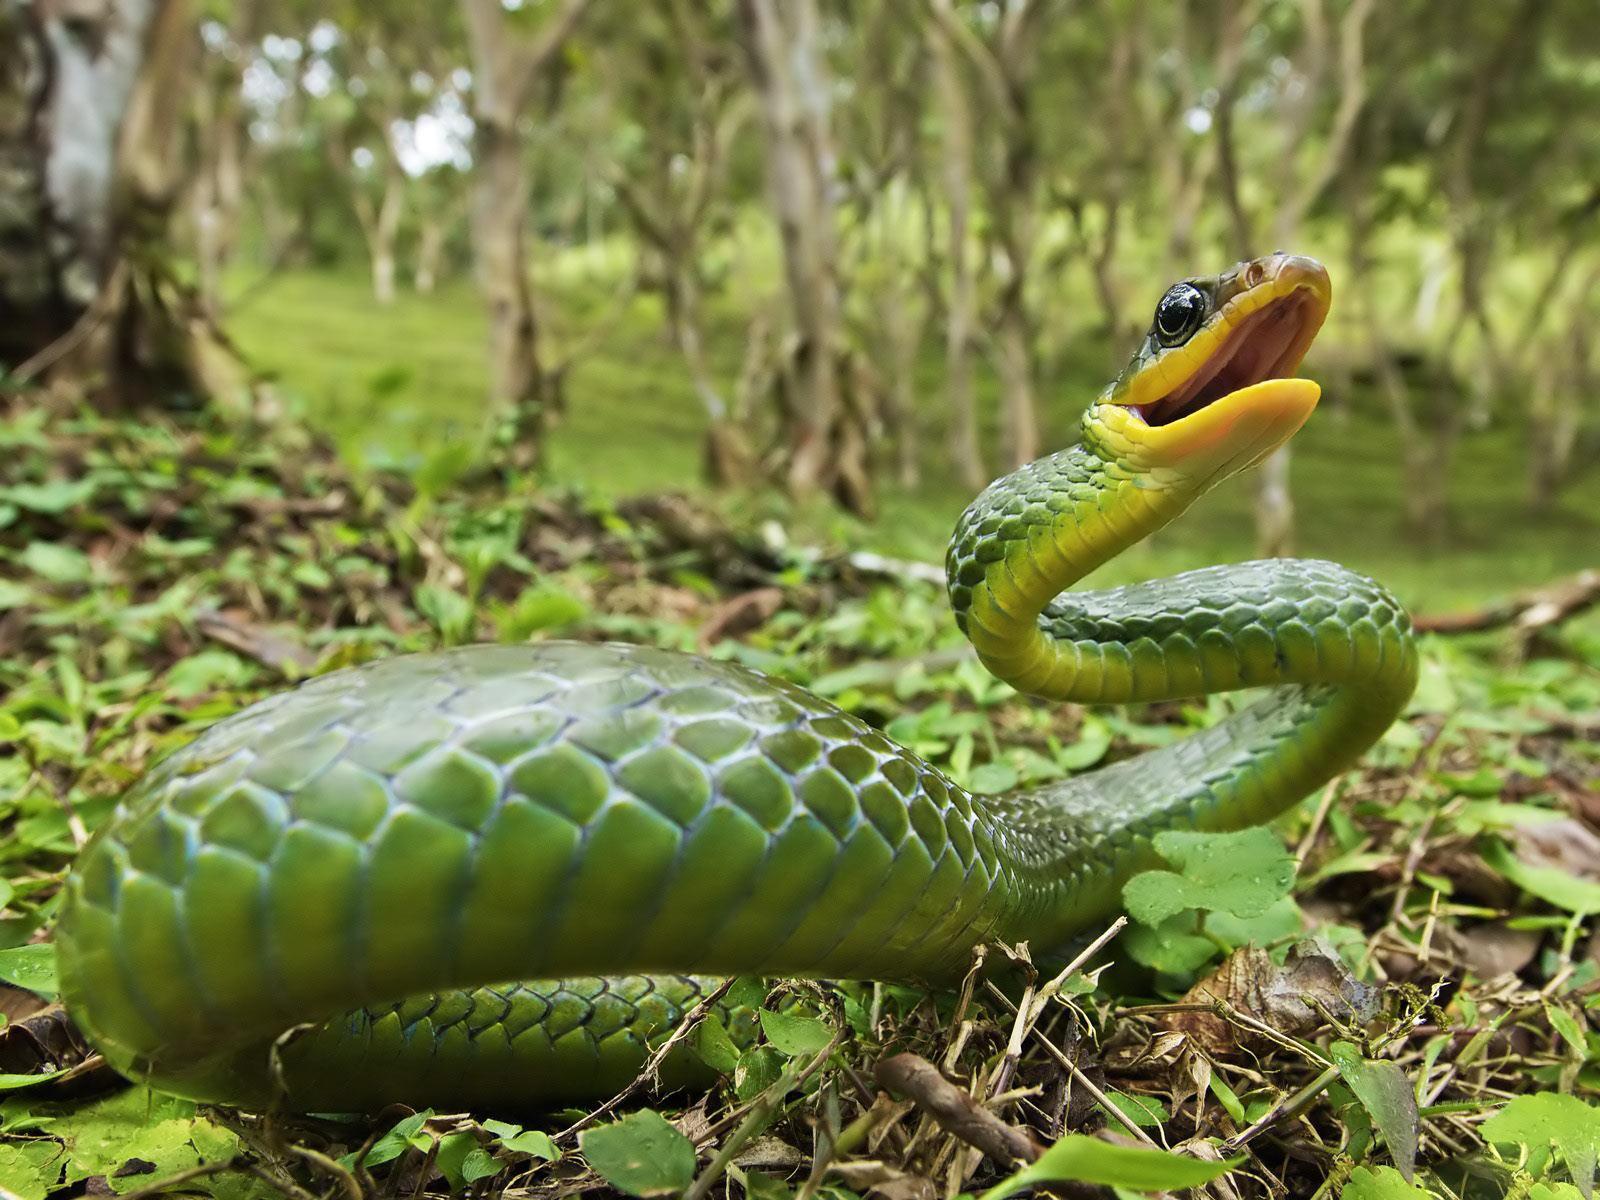 ¡Serpientes, cuidado !!!